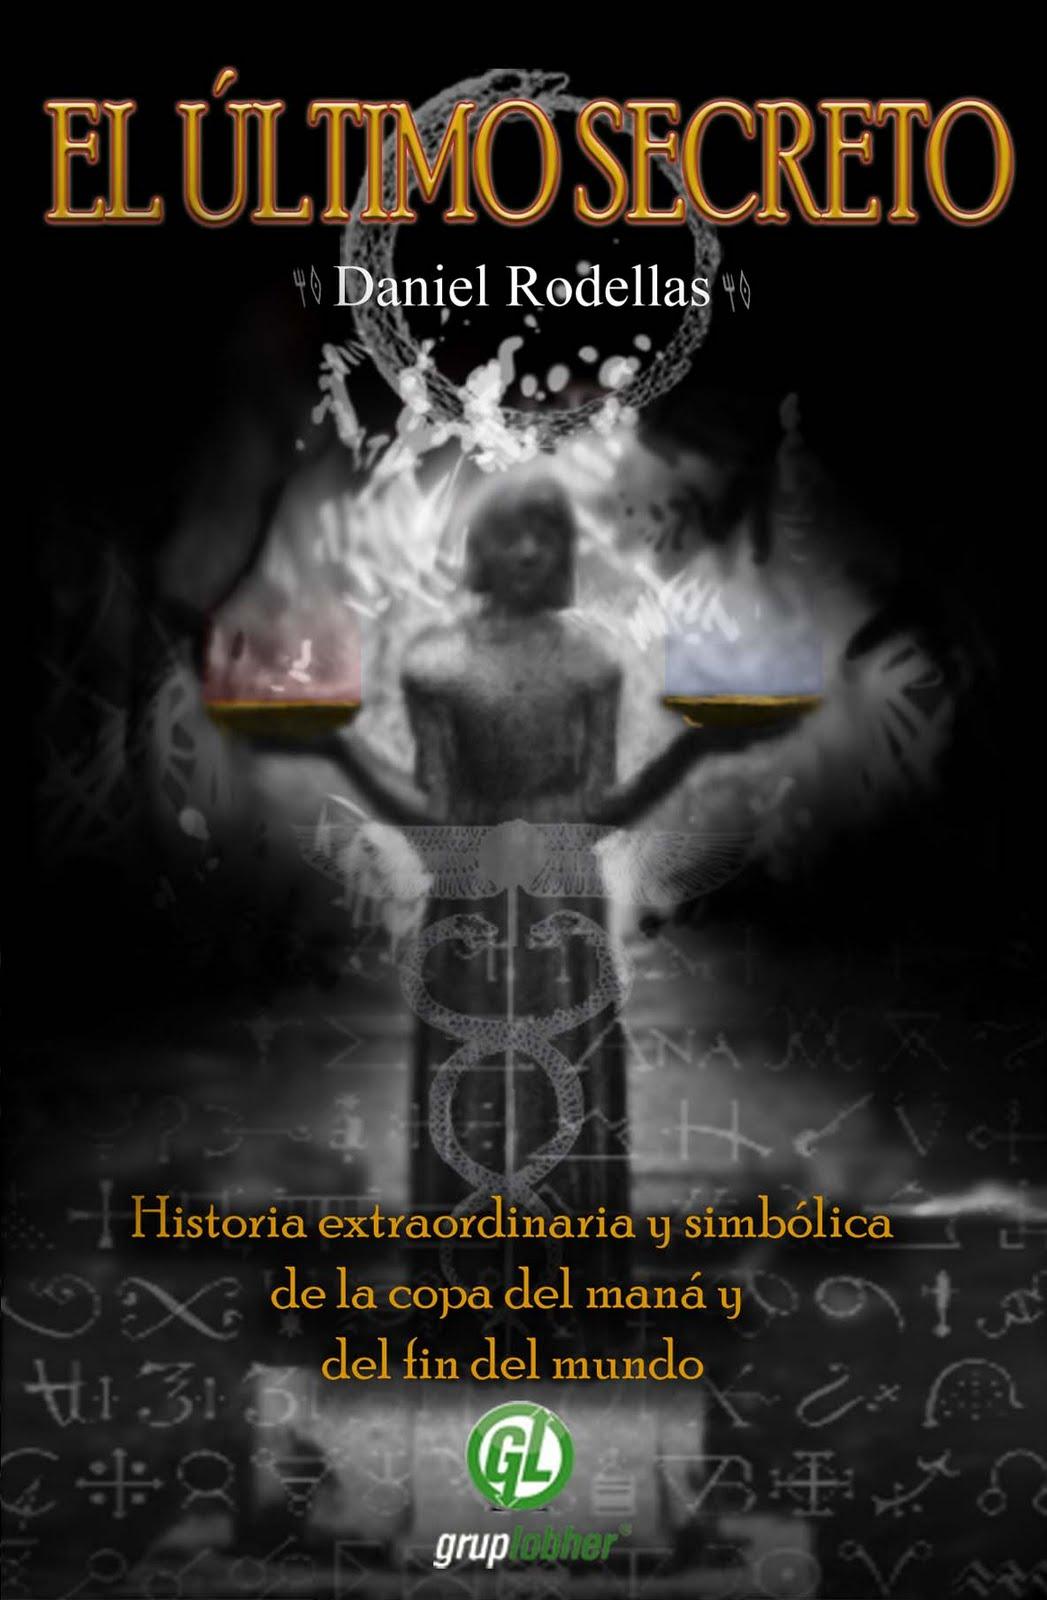 Programa 15: El último secreto de Daniel Rodellas 1